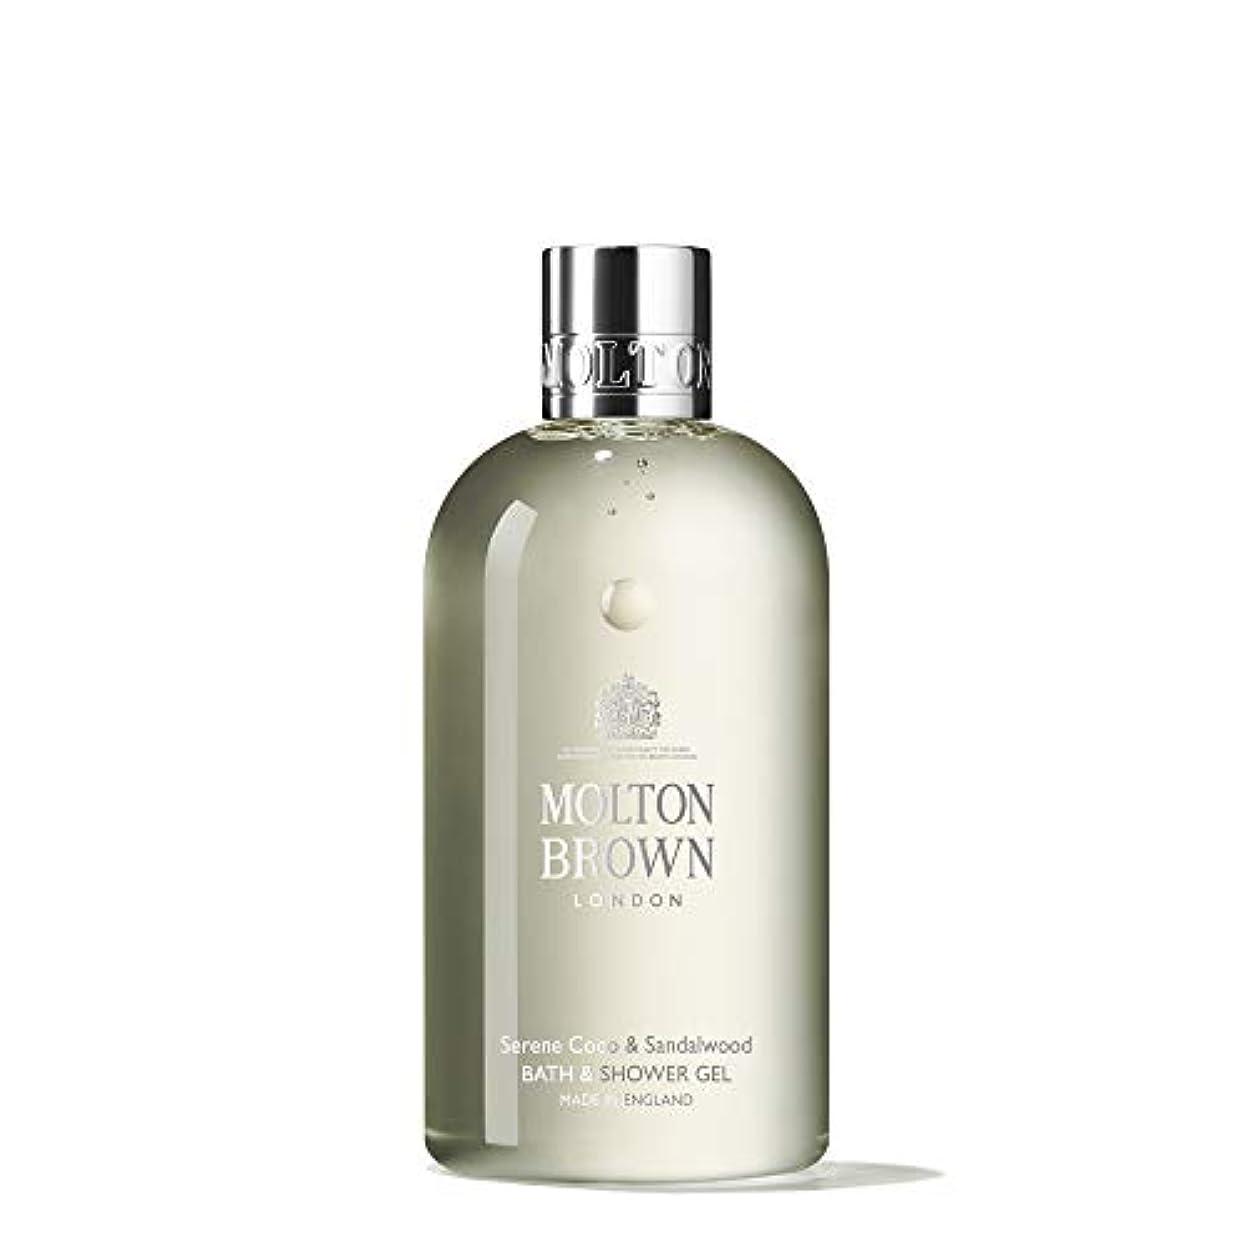 苦情文句平和な霧深いMOLTON BROWN(モルトンブラウン) ココ&サンダルウッド コレクション CO バス&シャワージェル ボディソープ 300ml